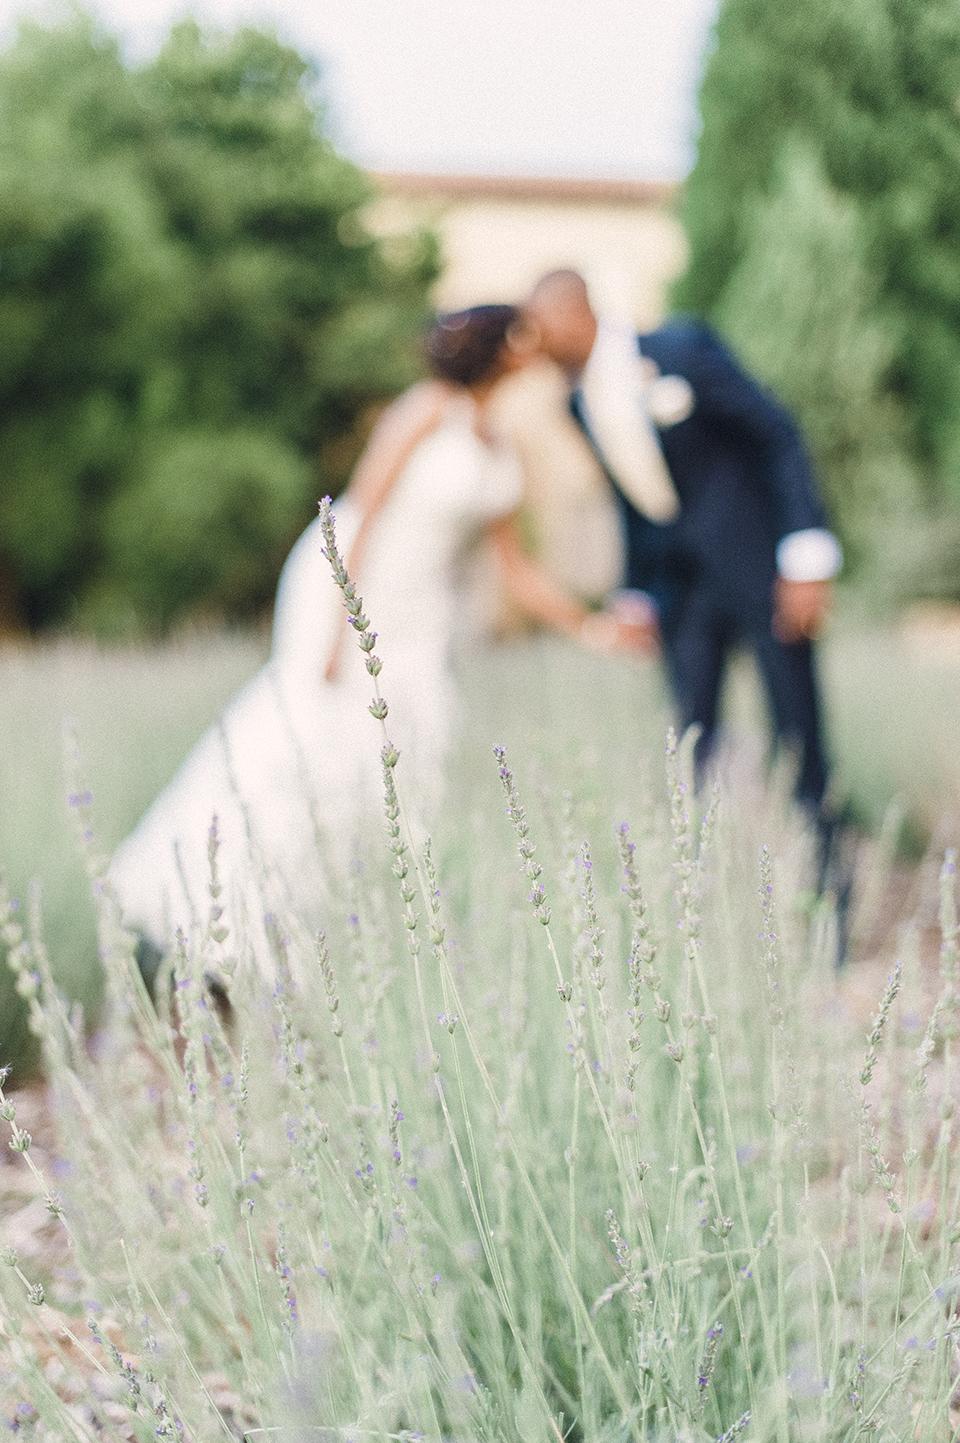 RyanParker_WeddingPhotographer_FineArt_CapeTown_Johannesburg_Hermanus_Avianto_T&L_DSC_9348.jpg